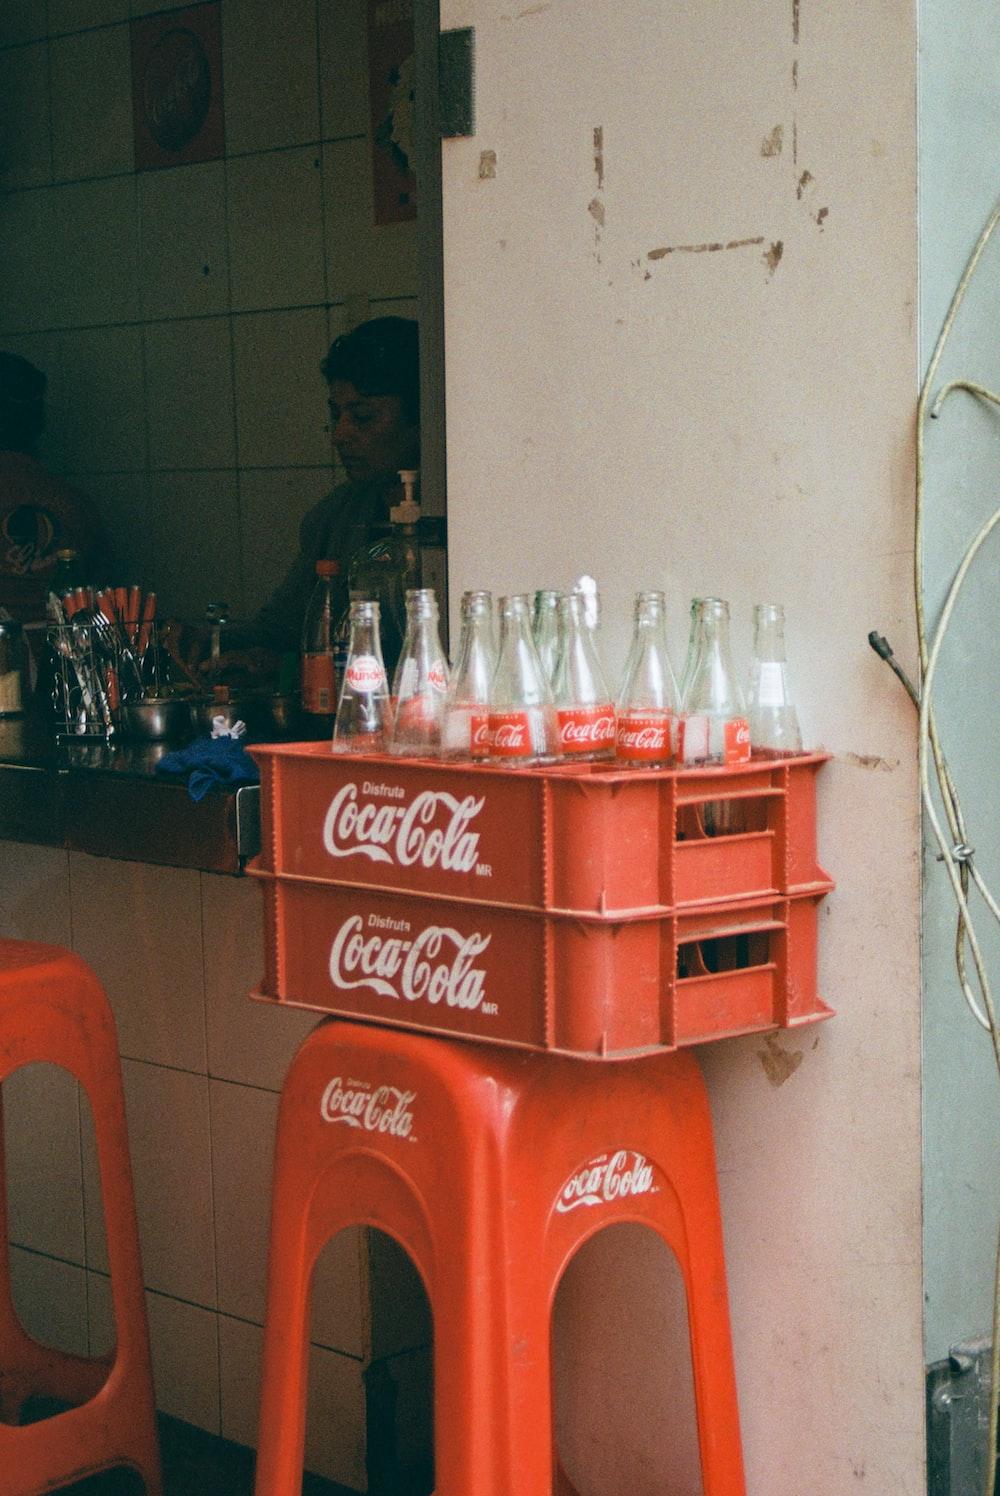 empty Coca-Cola bottles on crates